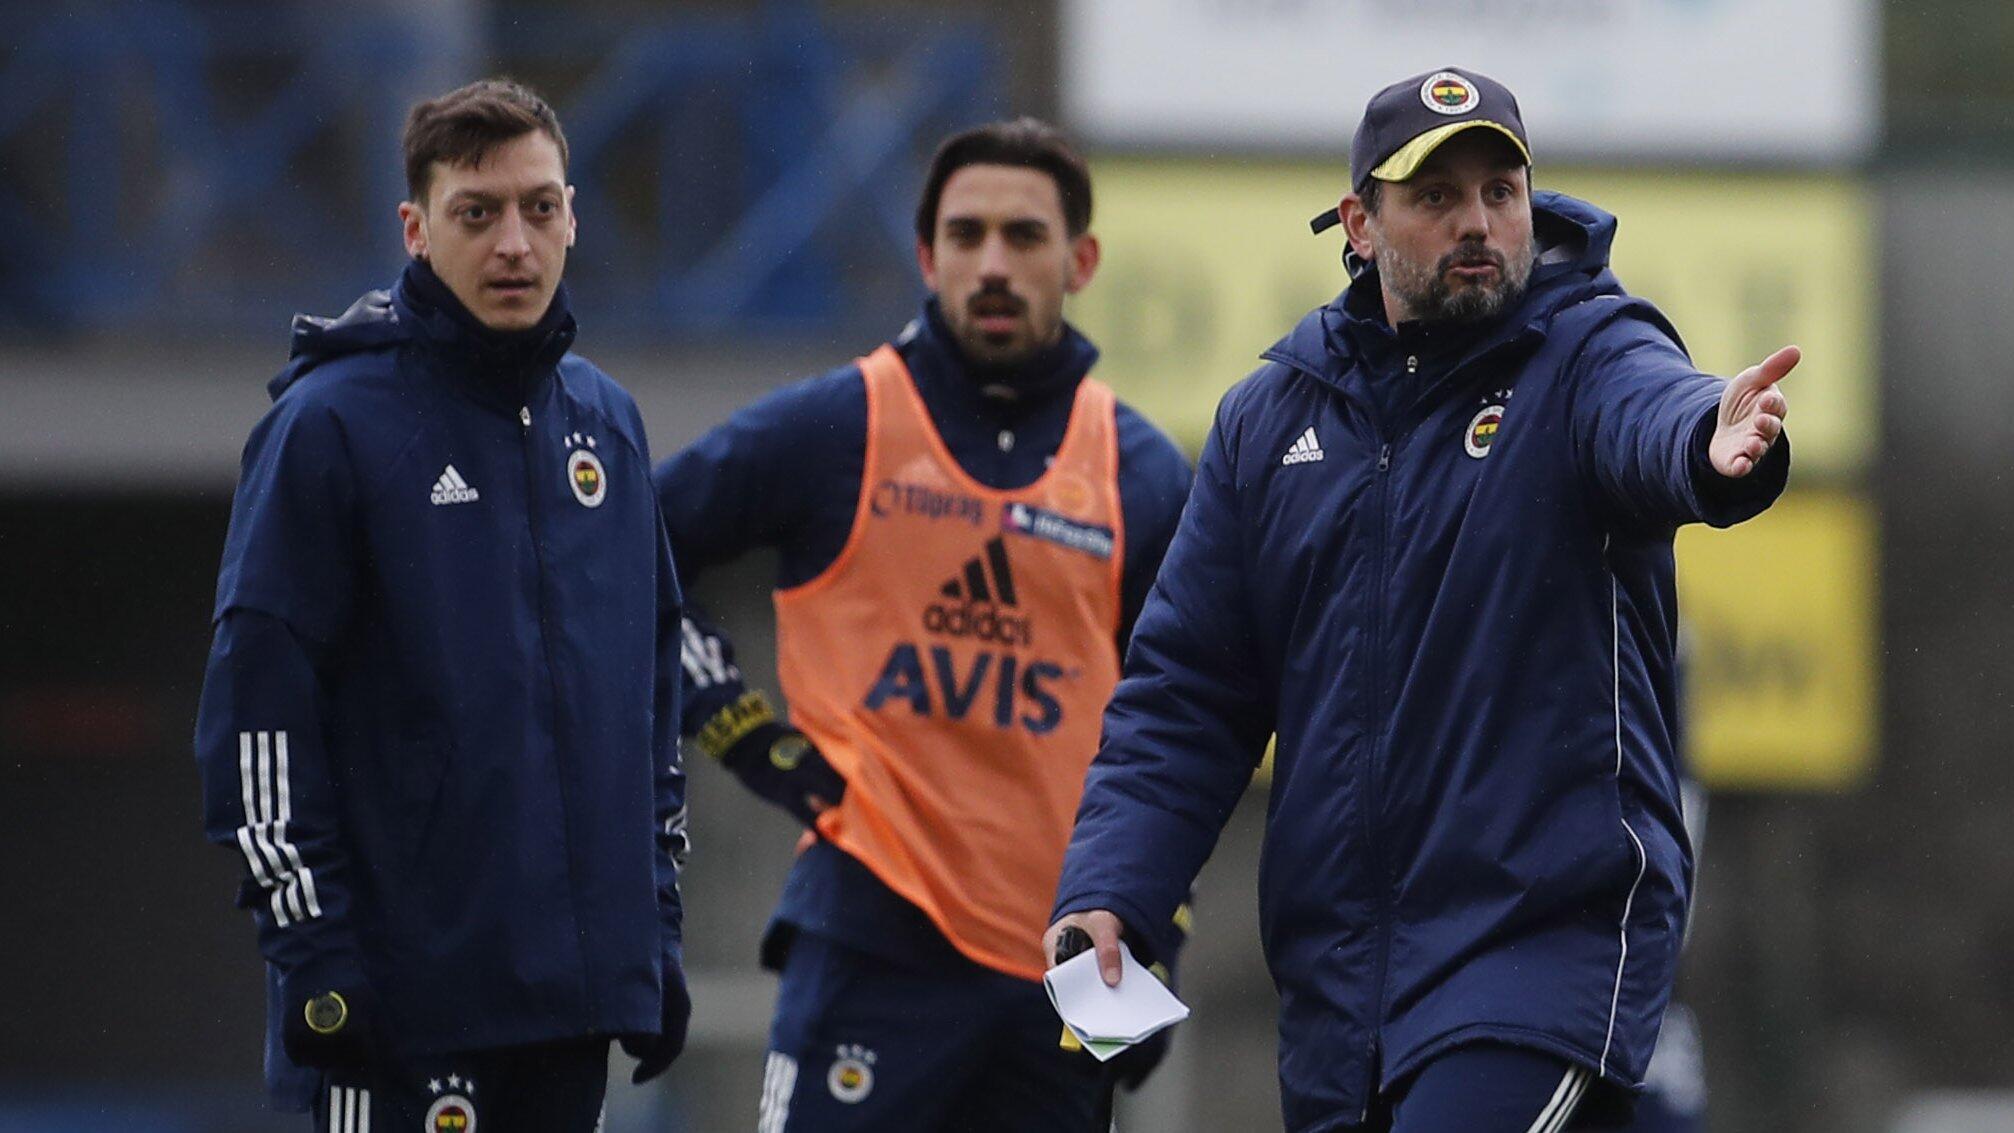 Fenerbahçe yarın Antalyaspor'u konuk edecek, İrfan Can ilk kez kadroda